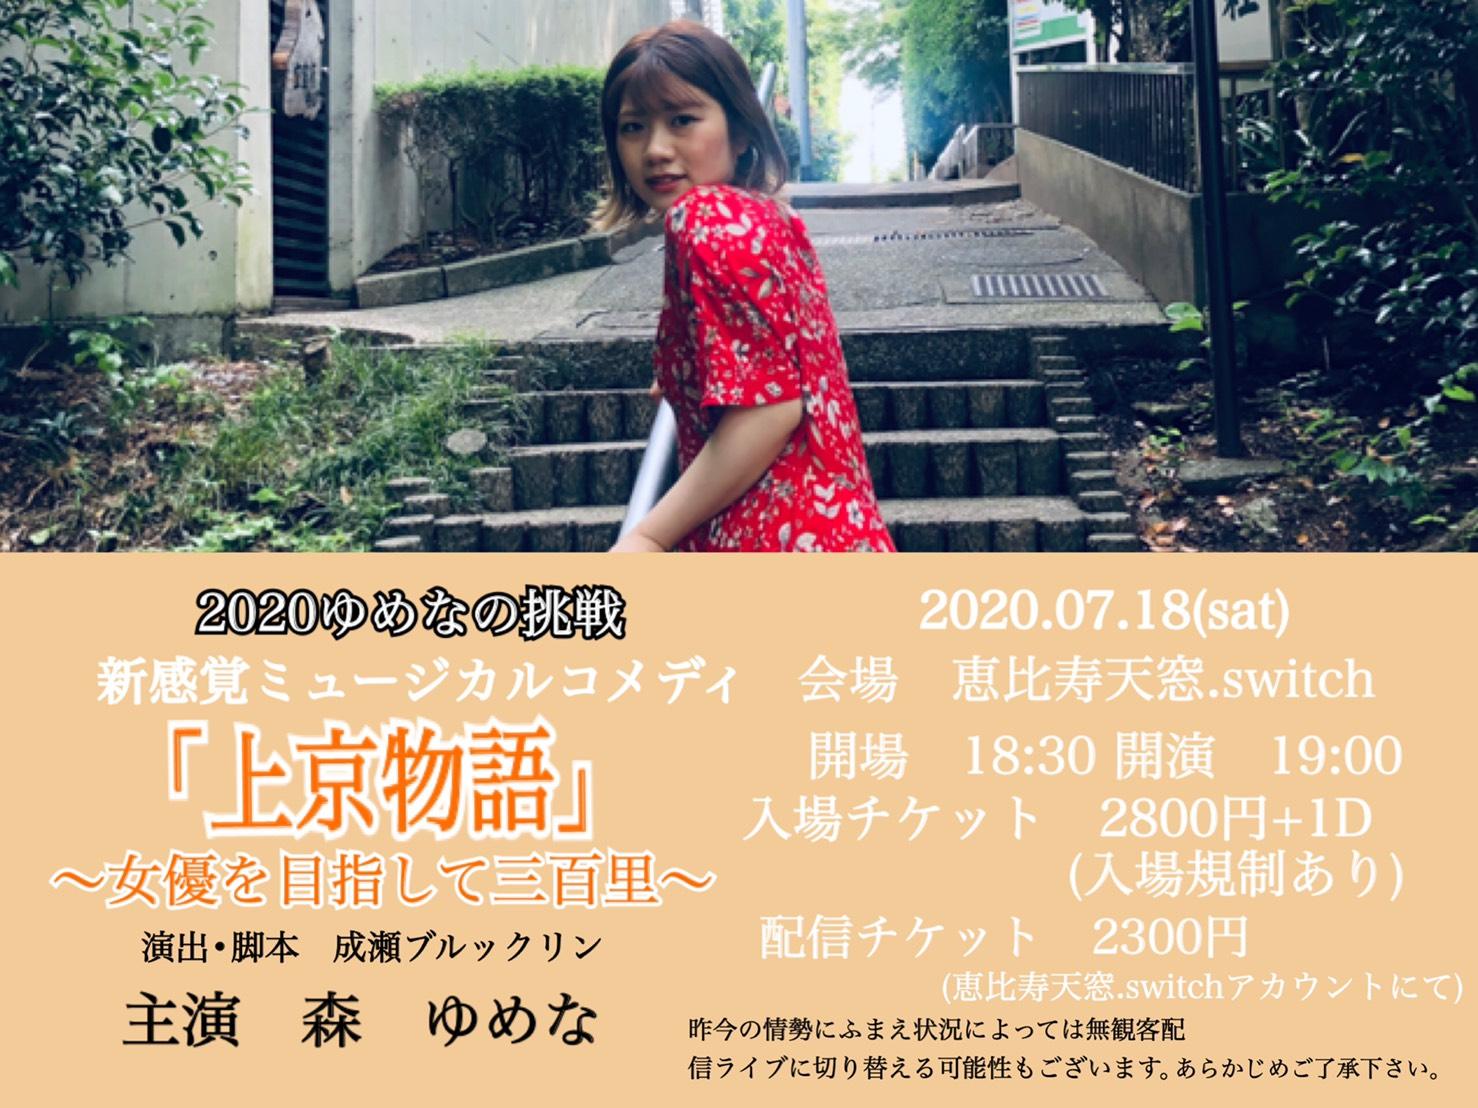 2020 ゆめなの挑戦 新感覚ミュージカルコメディ「上京物語」〜女優を目指して三百里〜